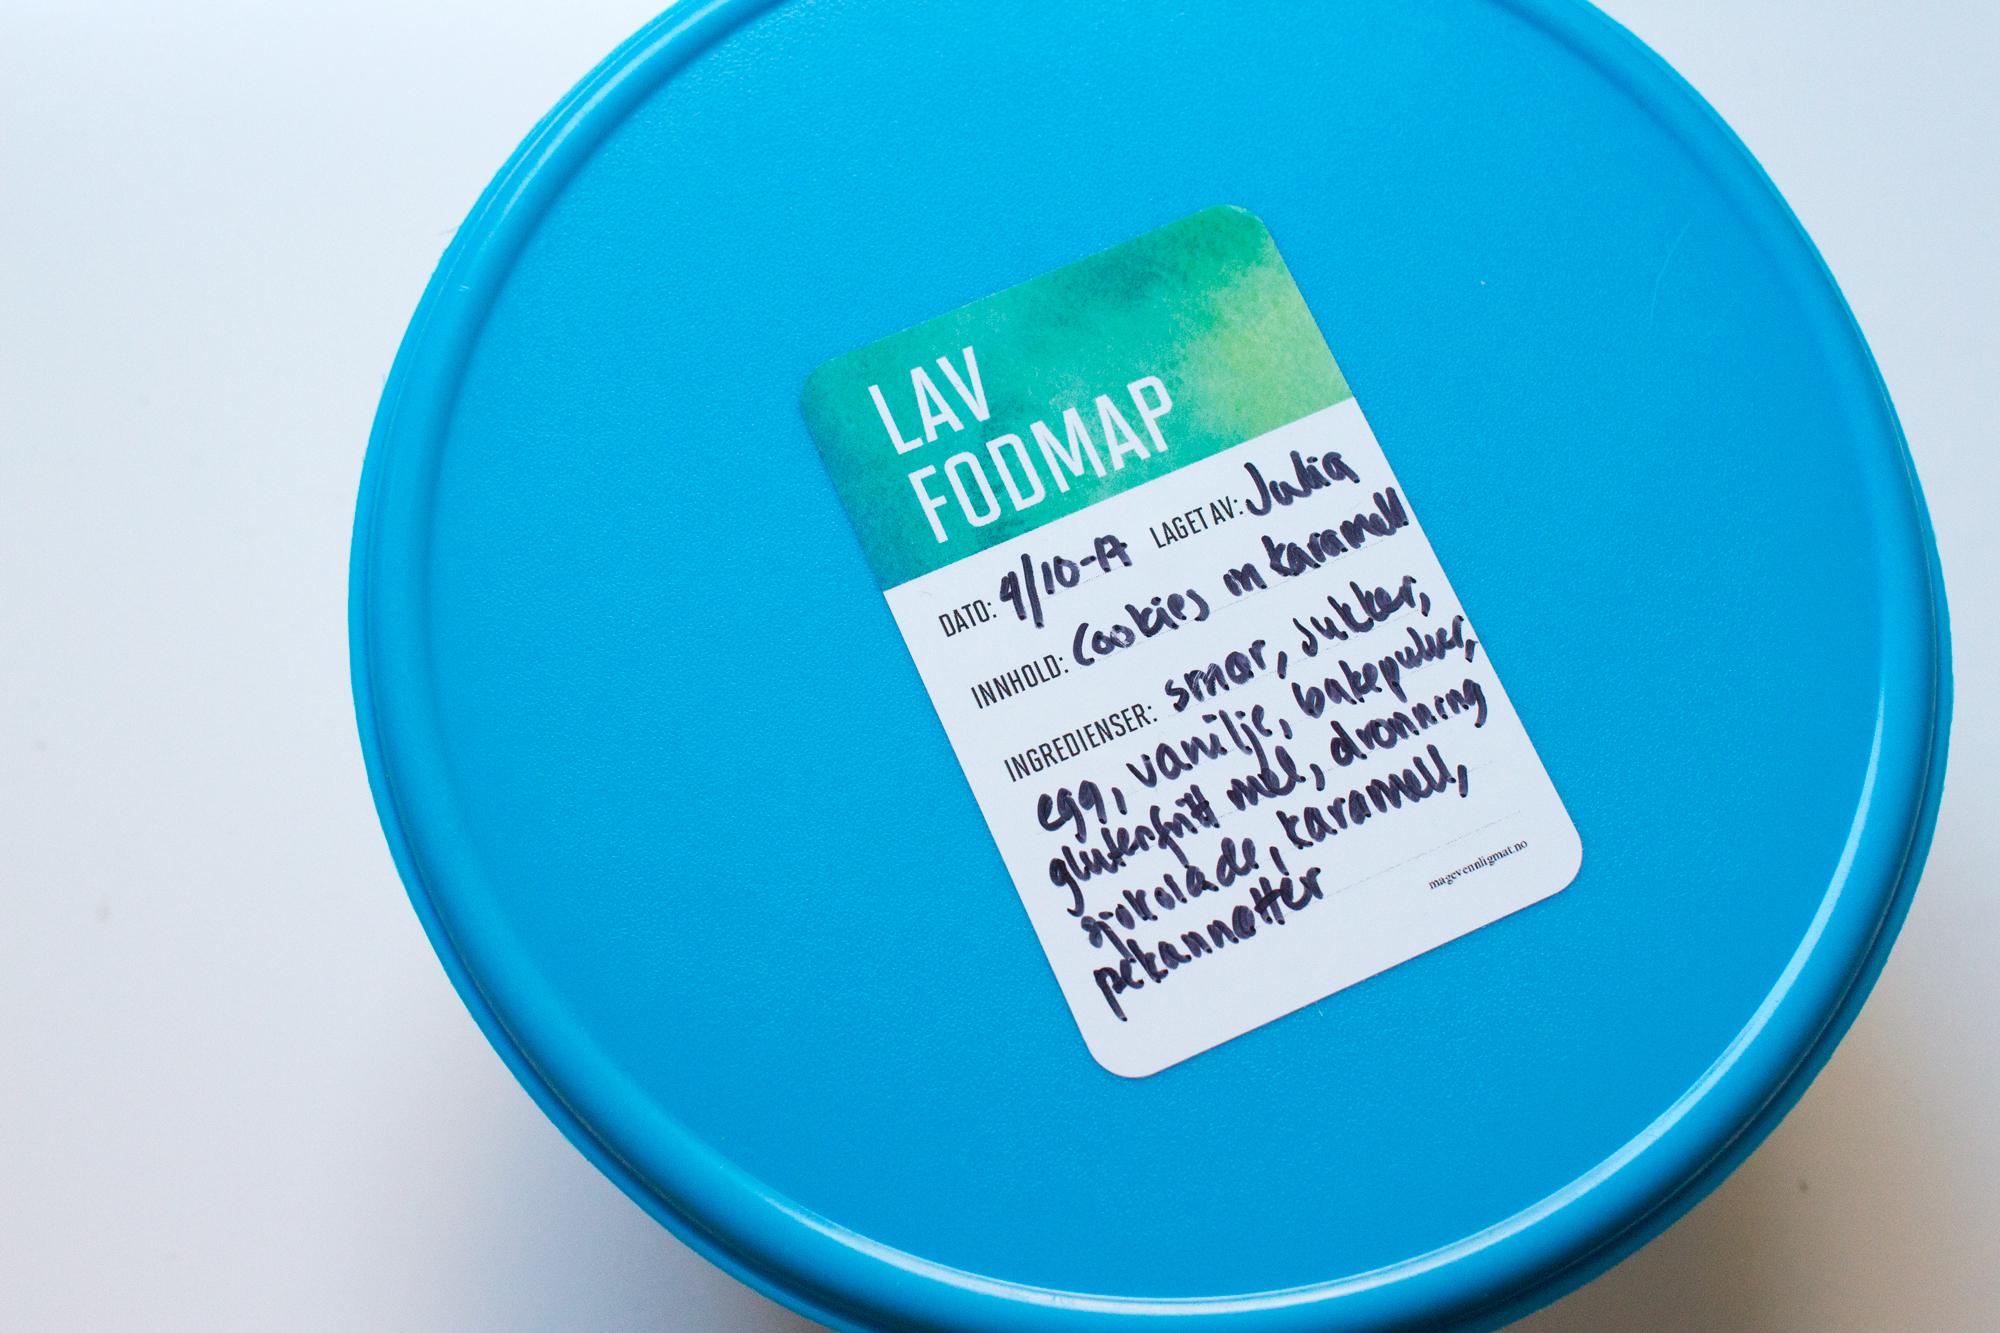 Avlange ingrediens-klistremerker- trykk på bildet for å komme rett til produktet i nettbutikken.